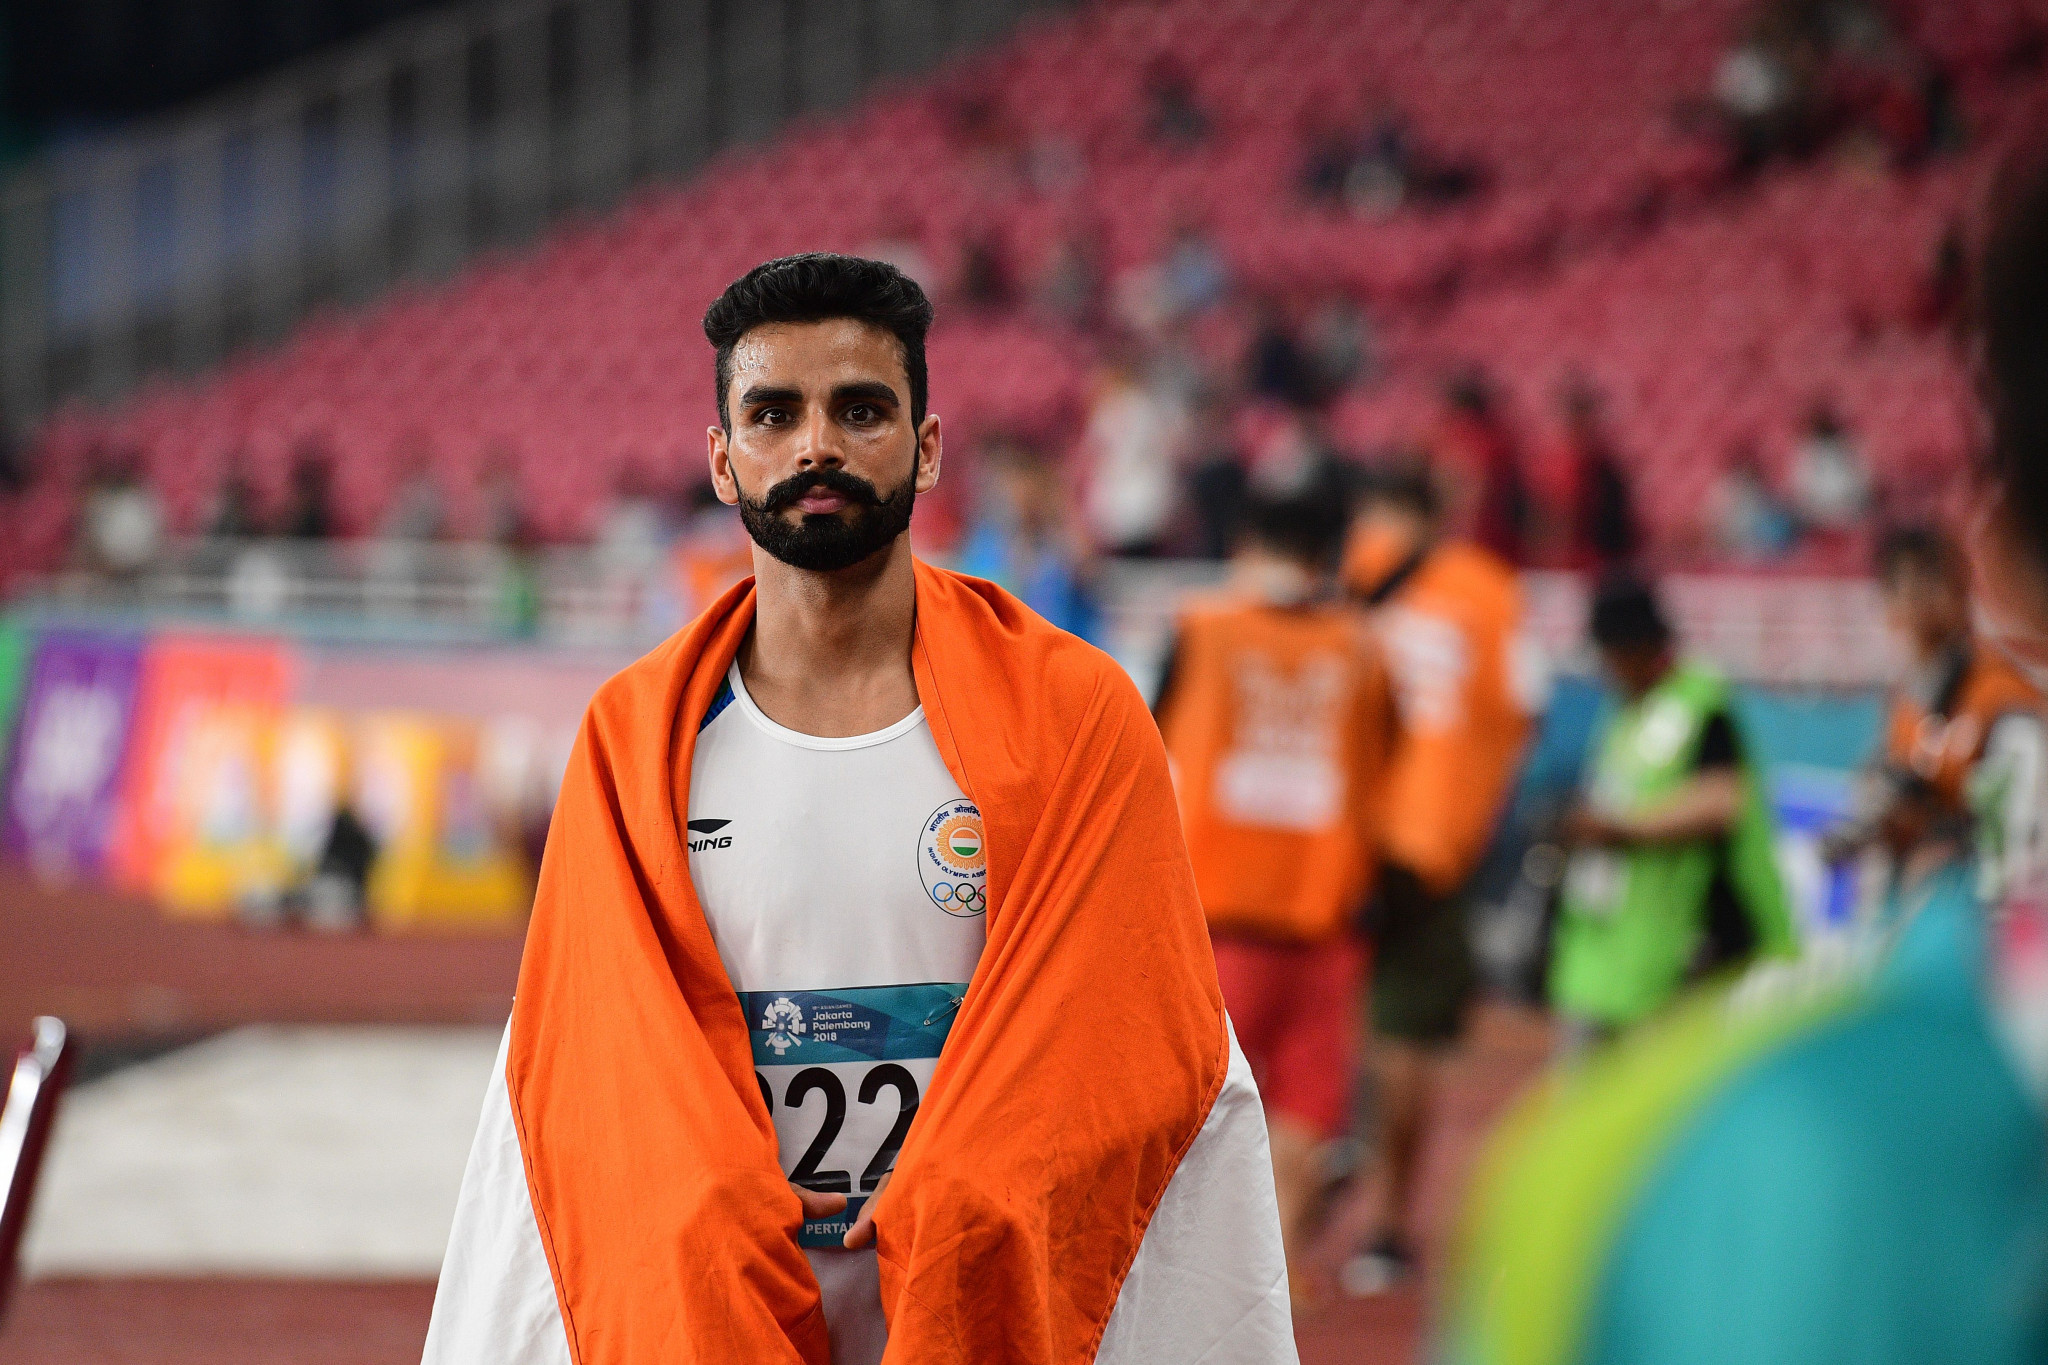 Arpinder Singh de India es el actual campeón de triple salto de los Juegos Asiáticos Masculinos © Getty Images